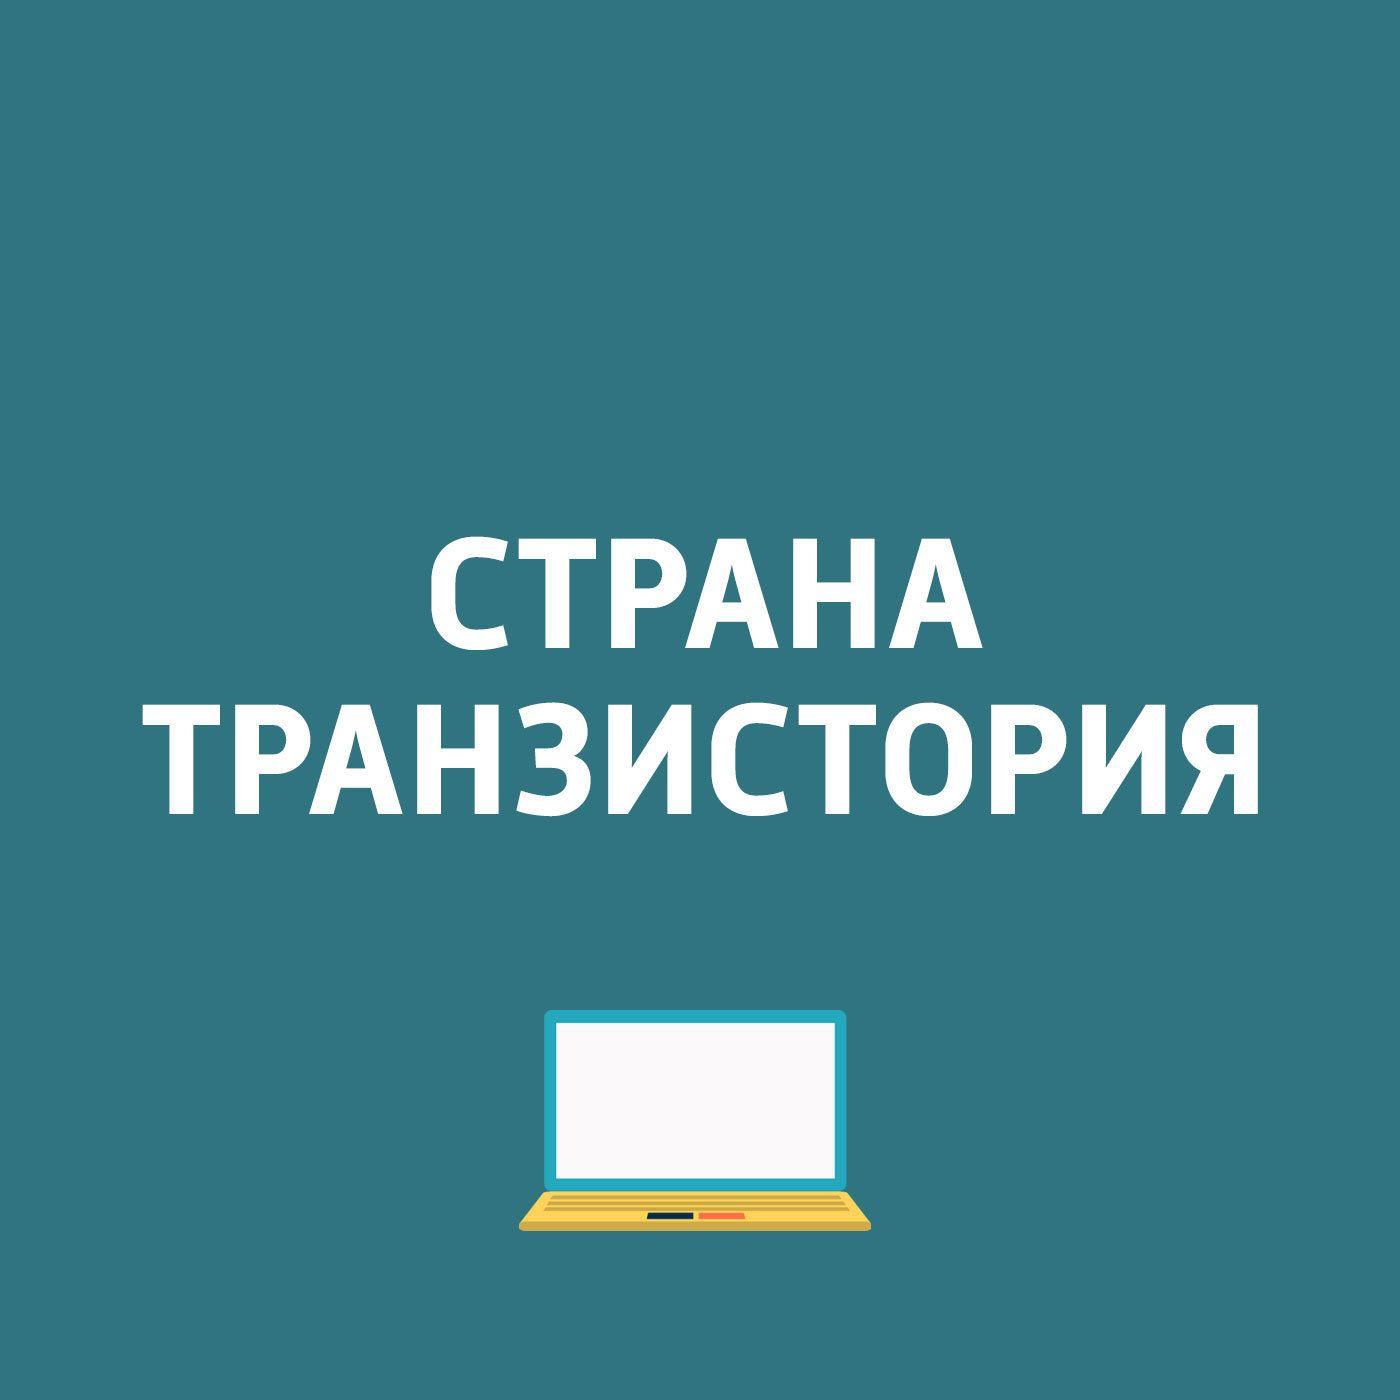 Картаев Павел НР Innovation Summit картаев павел история пончиков